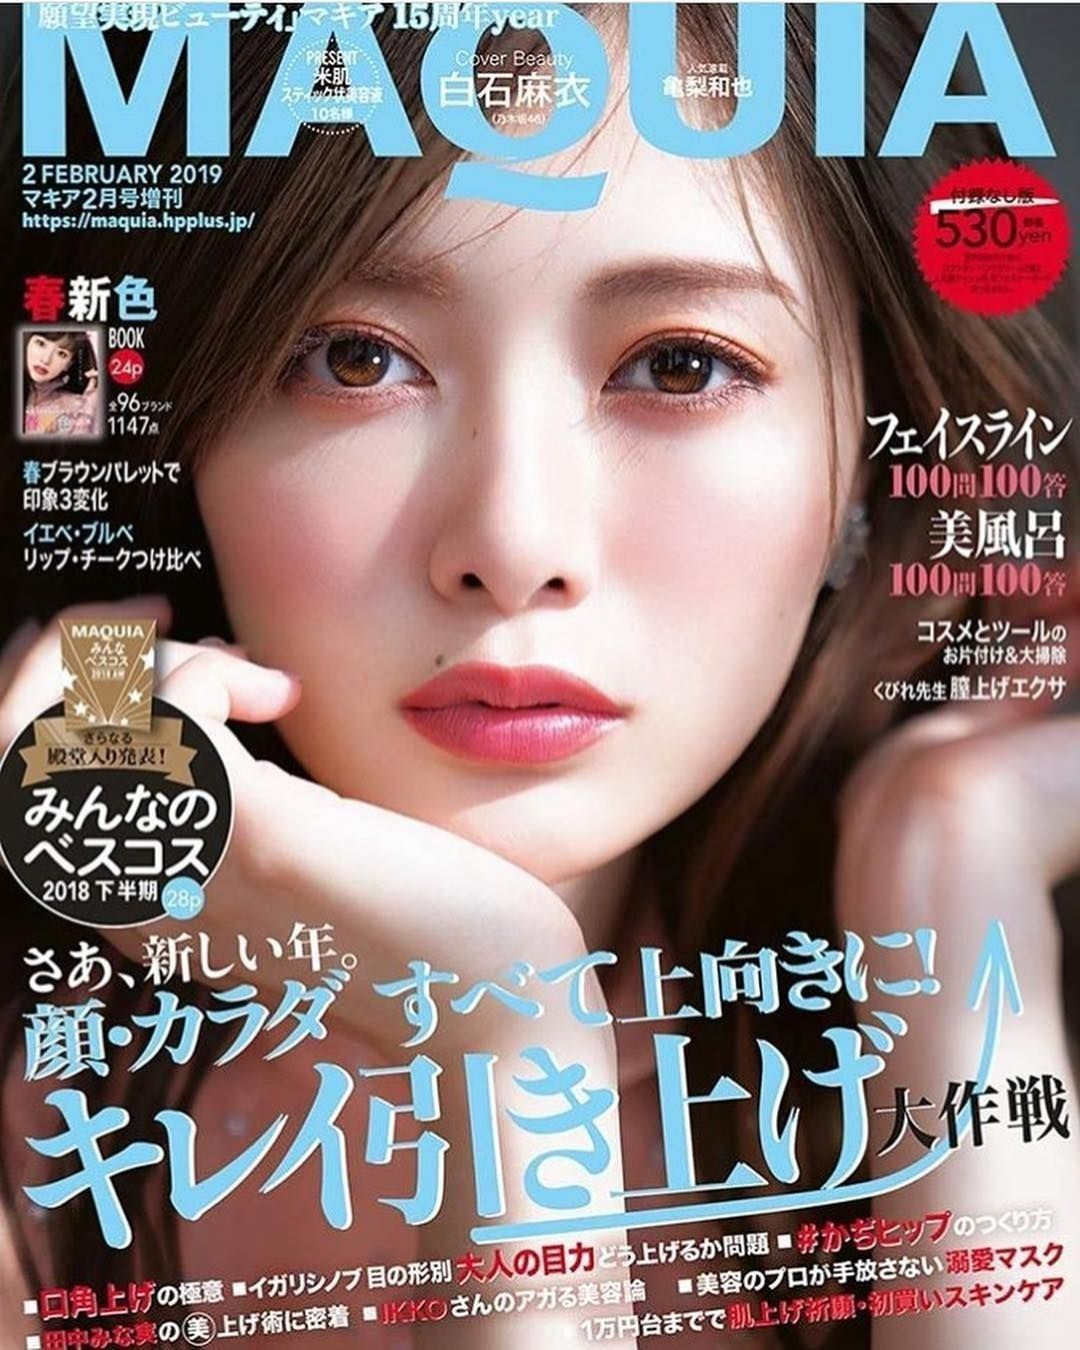 白石麻衣 表紙 マキア 2月号 増刊 白石麻衣 表紙 乃木坂